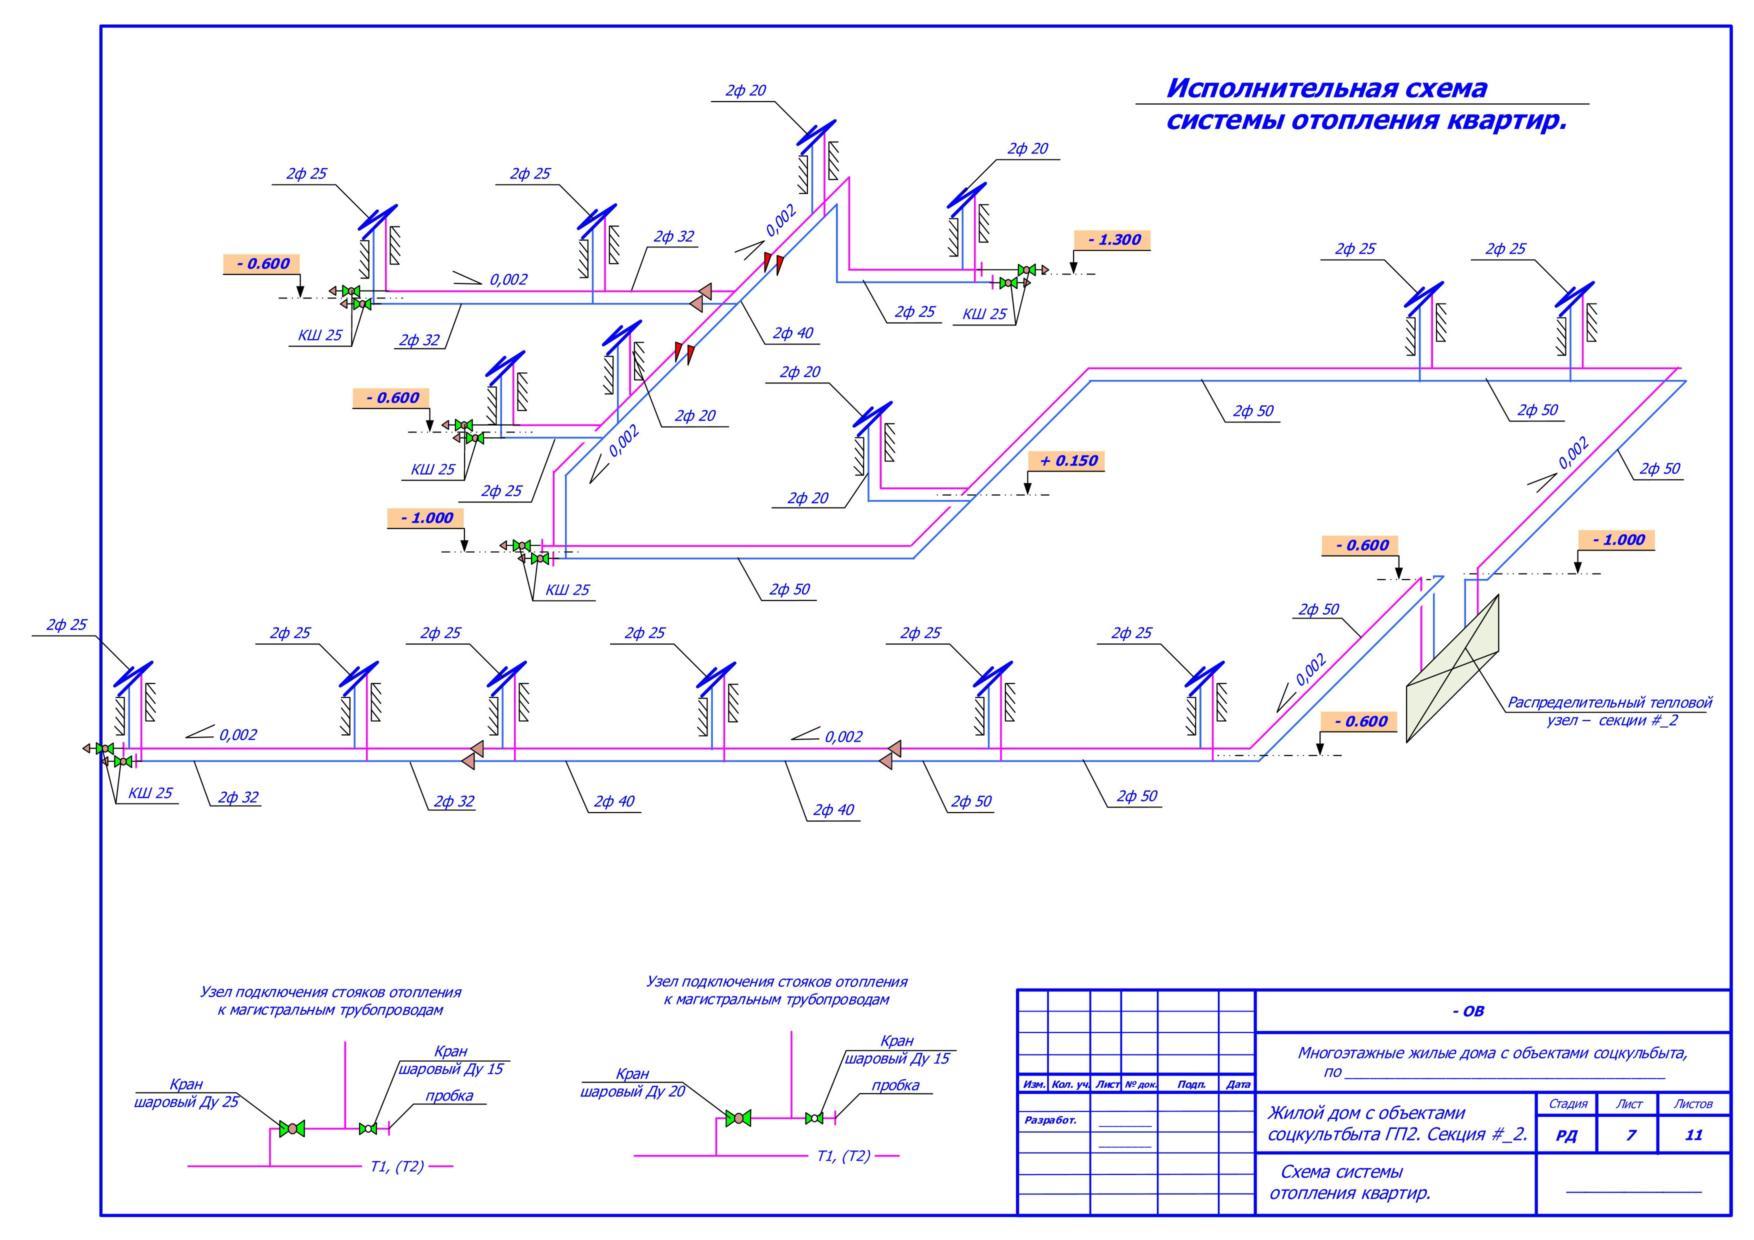 Как сделать исполнительную схему на трубопровод